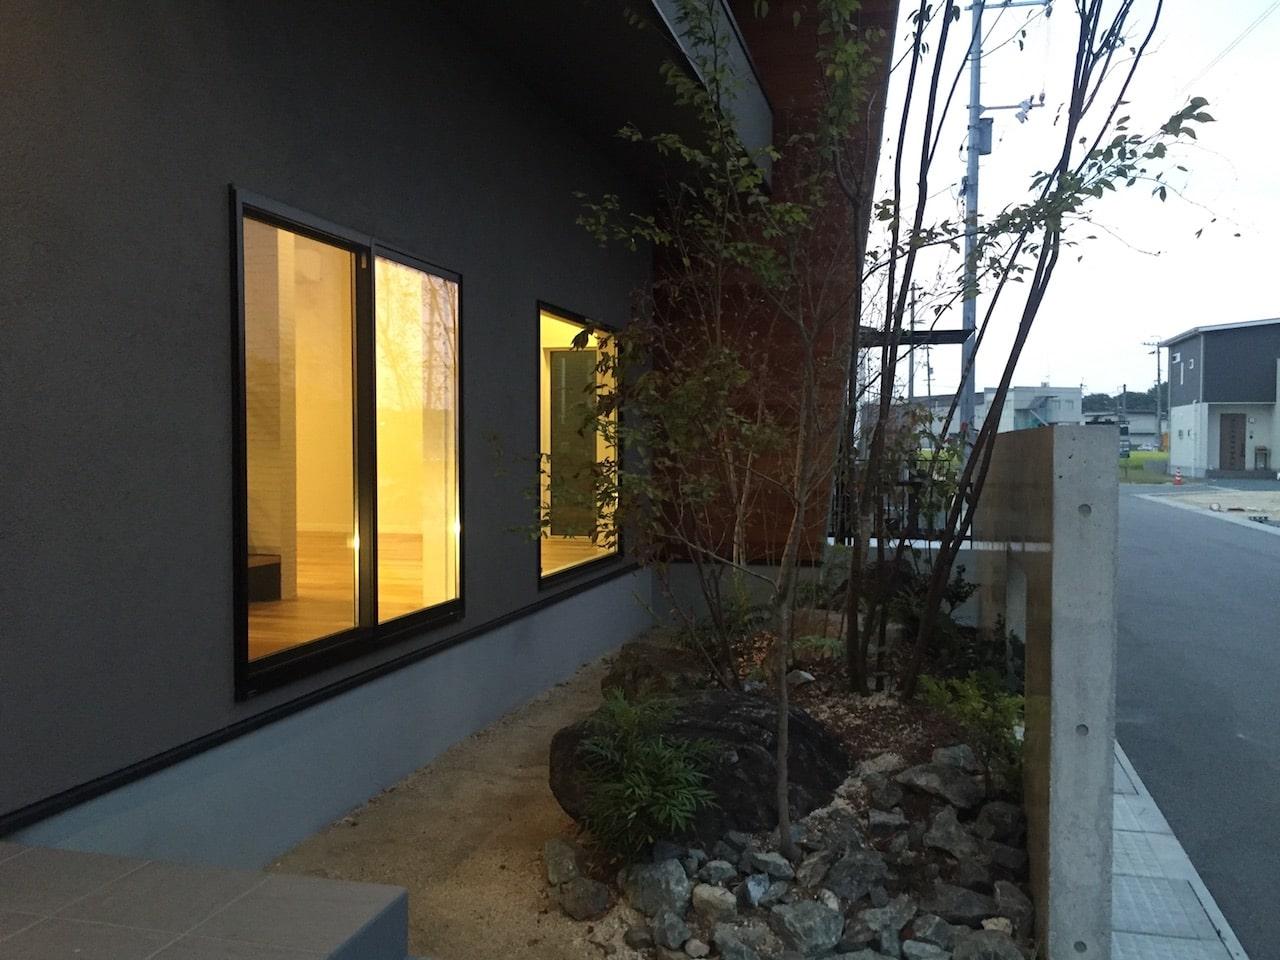 福山市の注文住宅|今井住建の家づくりガイド「省エネ住宅のメリットは?省エネ住宅で家計に優しいくらし」